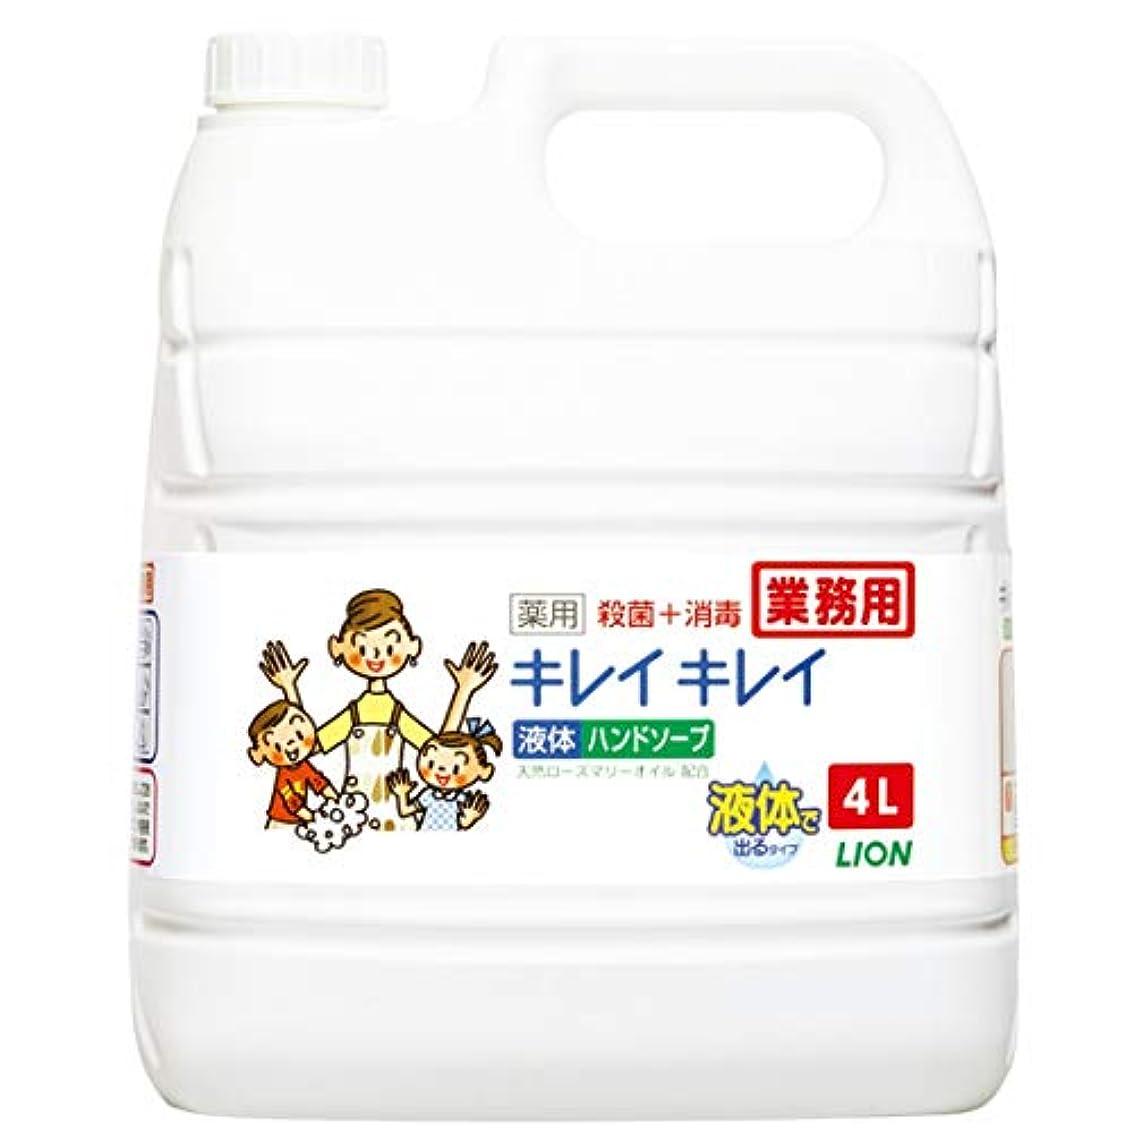 貞共和国フォーカス【業務用 大容量】キレイキレイ 薬用 ハンドソープ  4L(医薬部外品)